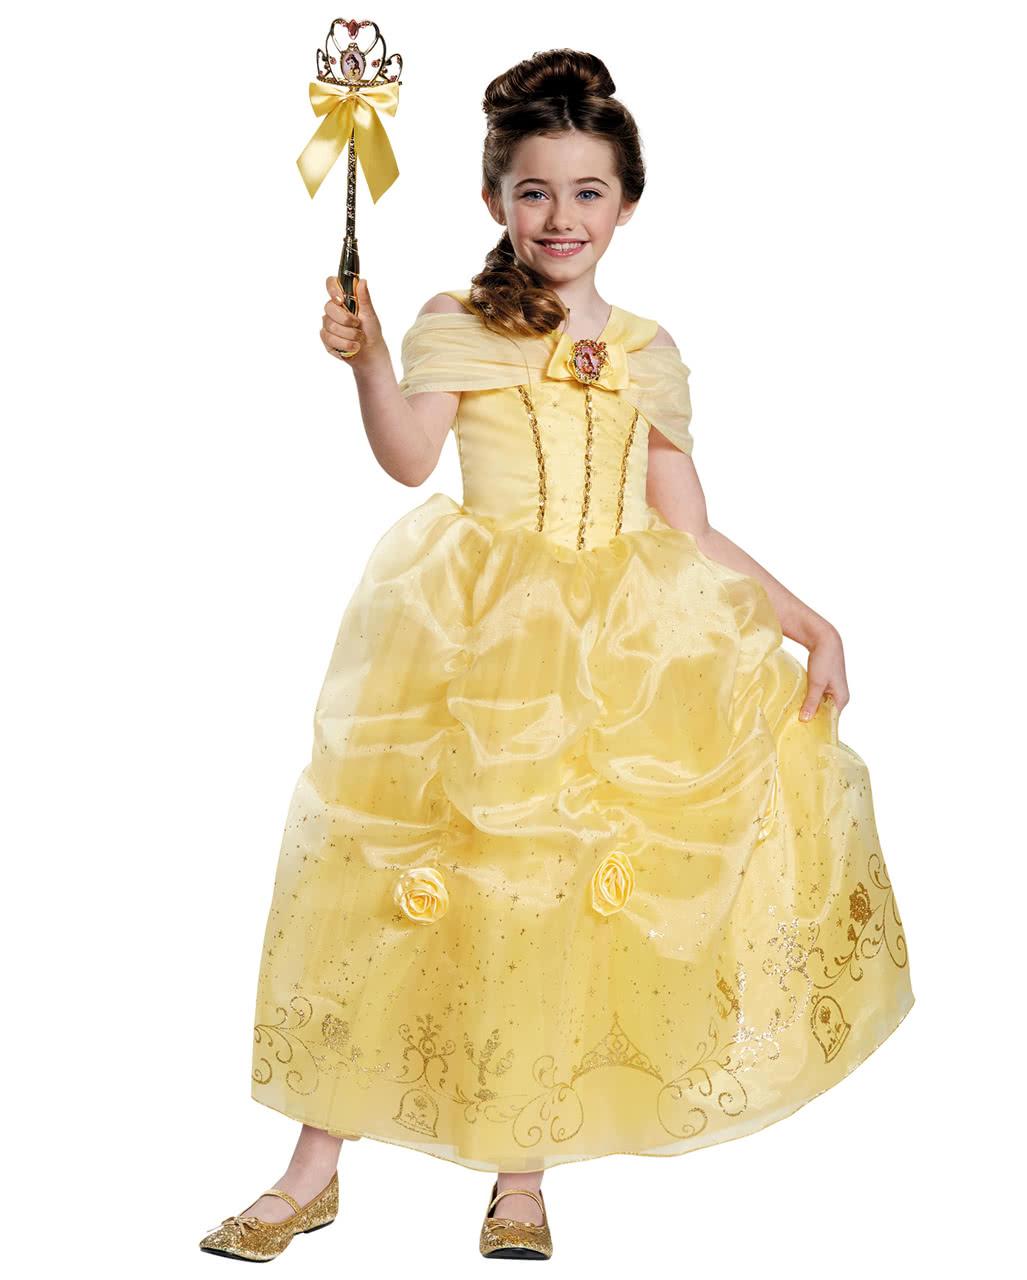 Billiger Preis bieten eine große Auswahl an fantastische Einsparungen Disney Premium Kostüm Belle für Kinder